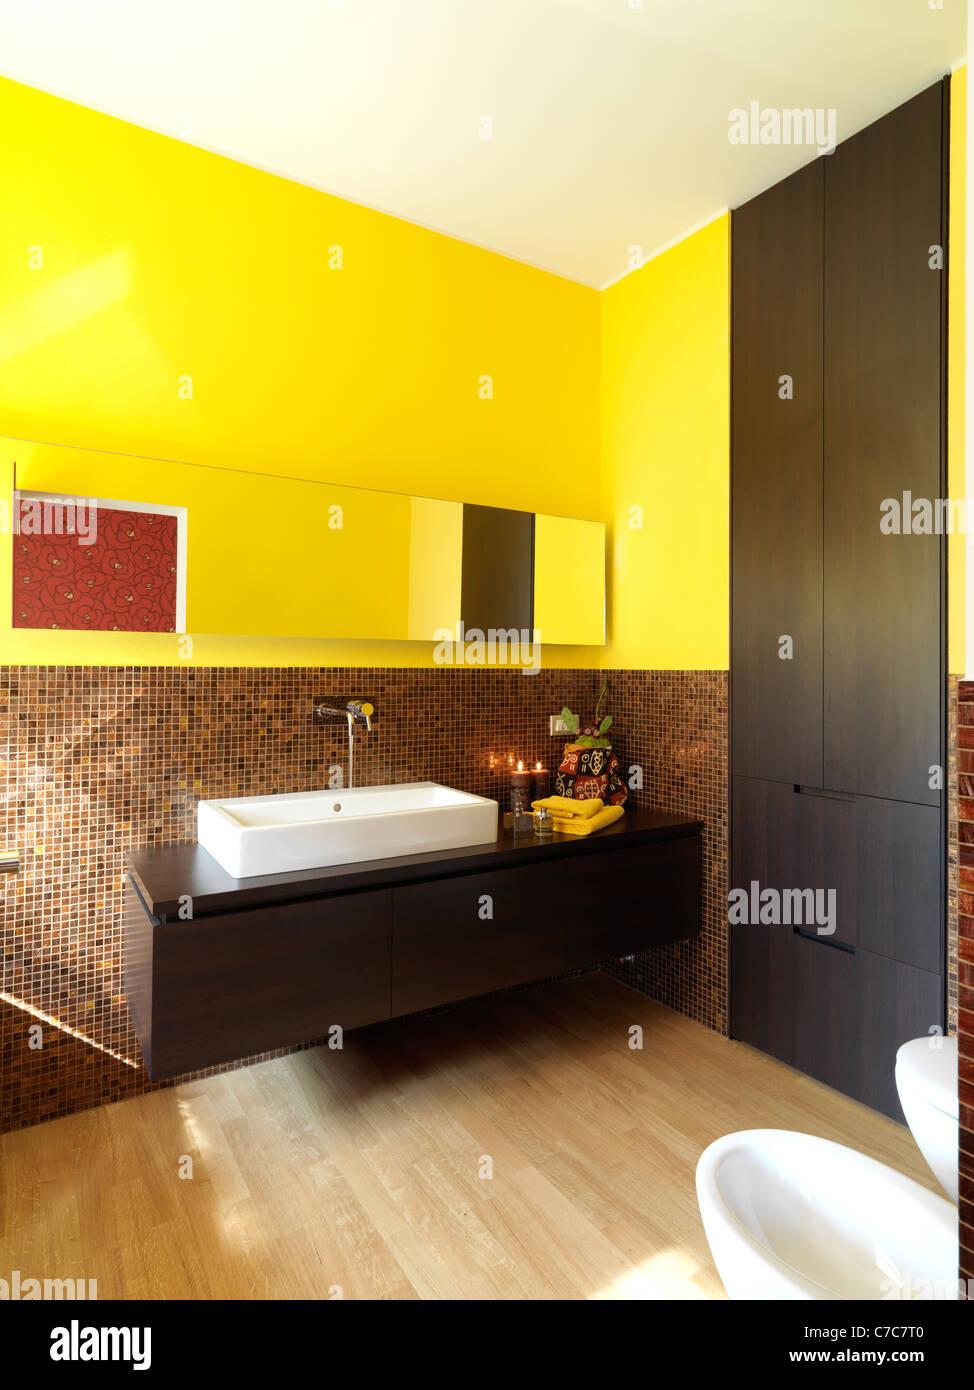 Modernes Badezimmer Mit Gelben Wand Und Fussboden Aus Holz Stockfoto